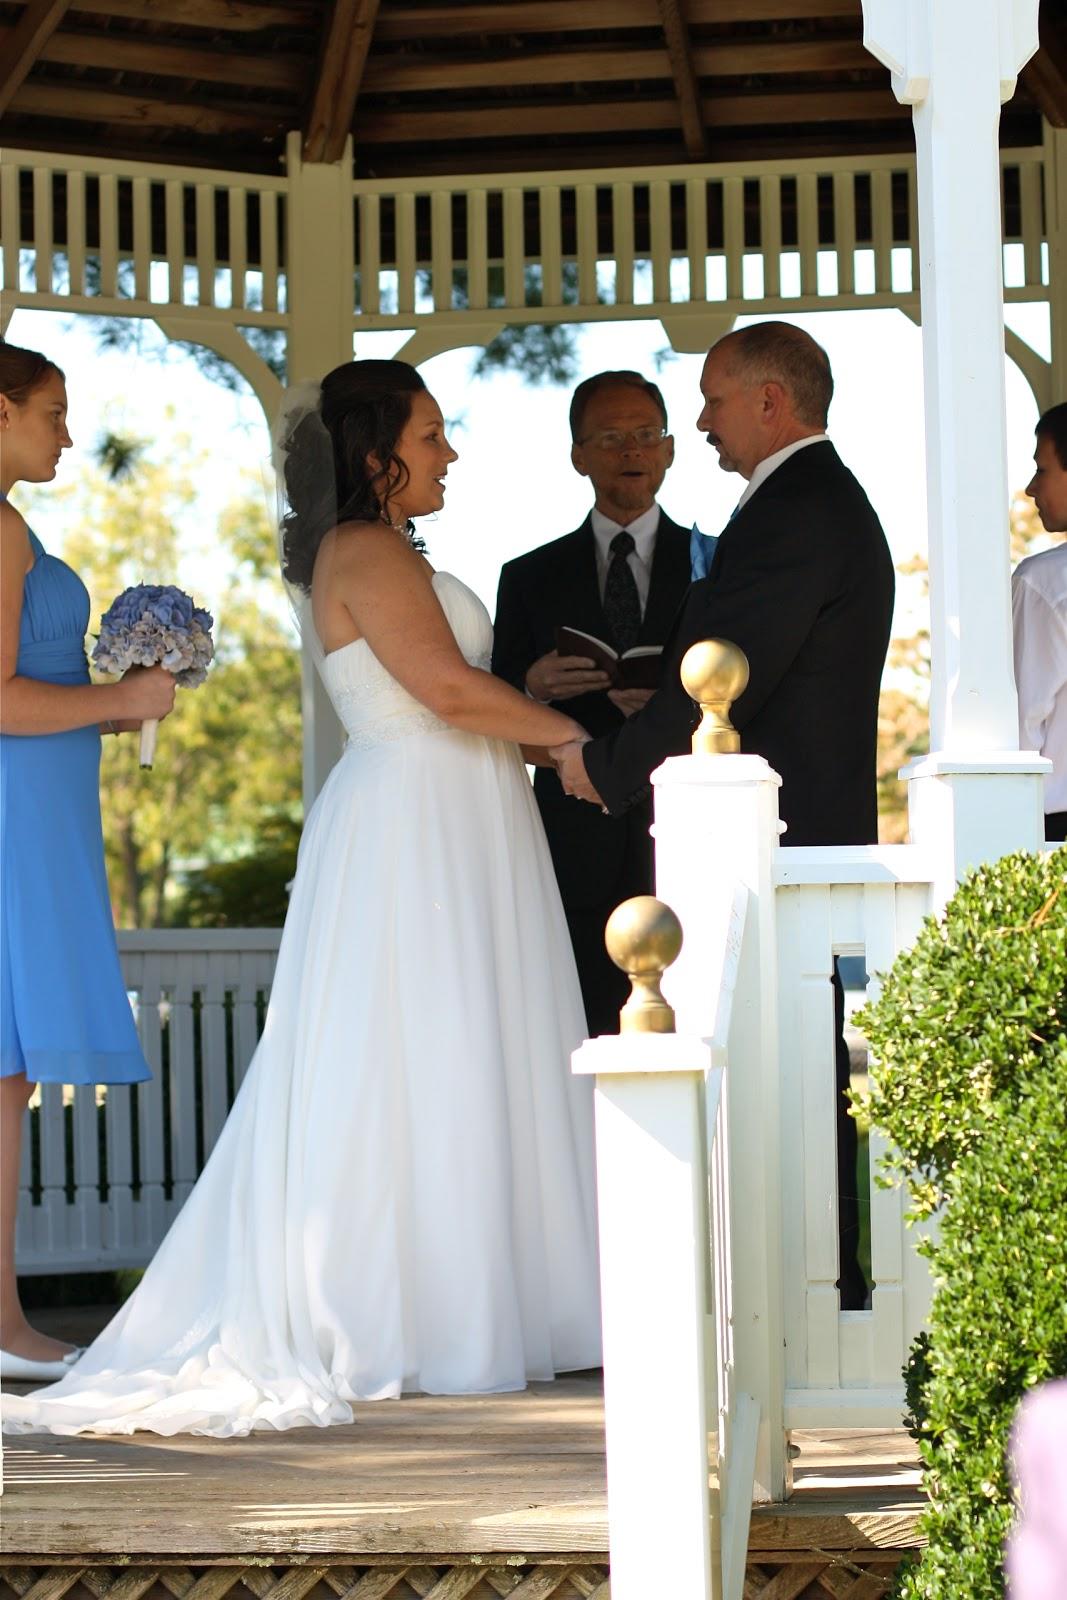 flowy wedding dresses 2011